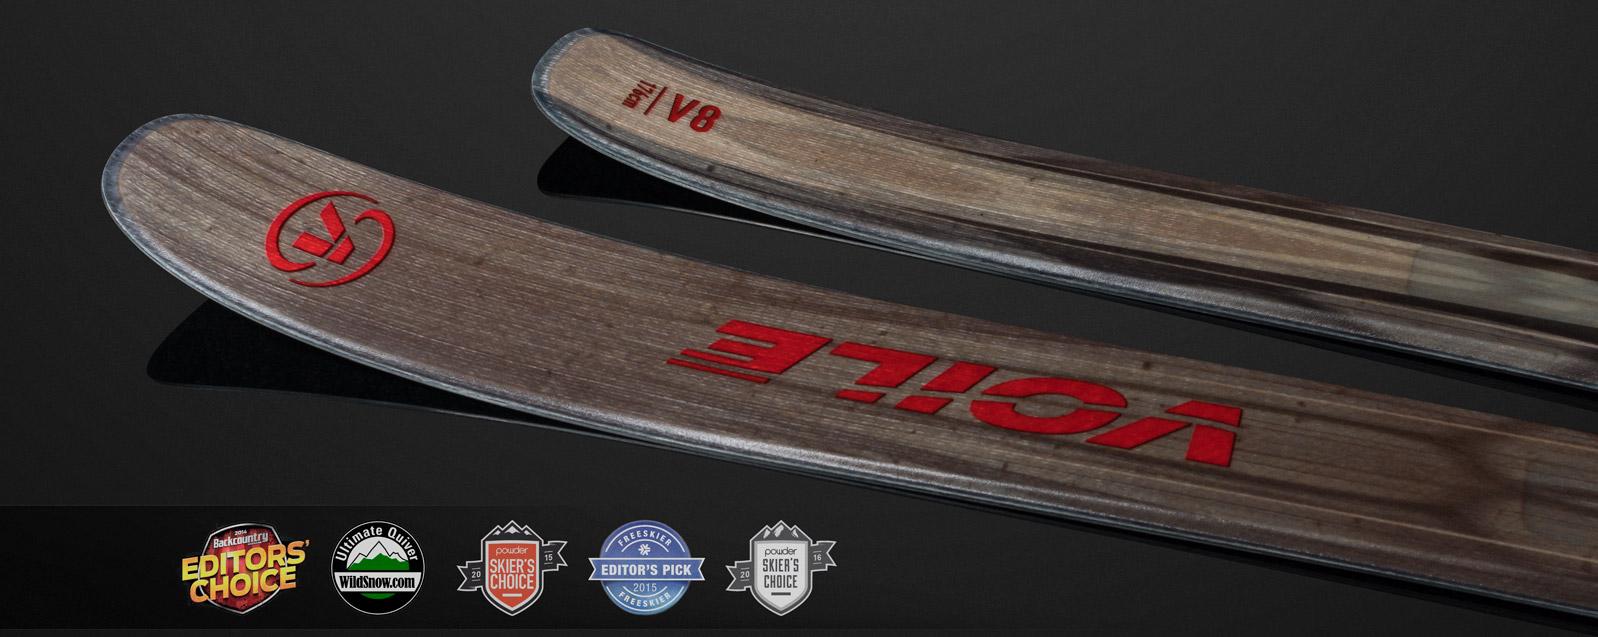 Voile V8 Skis